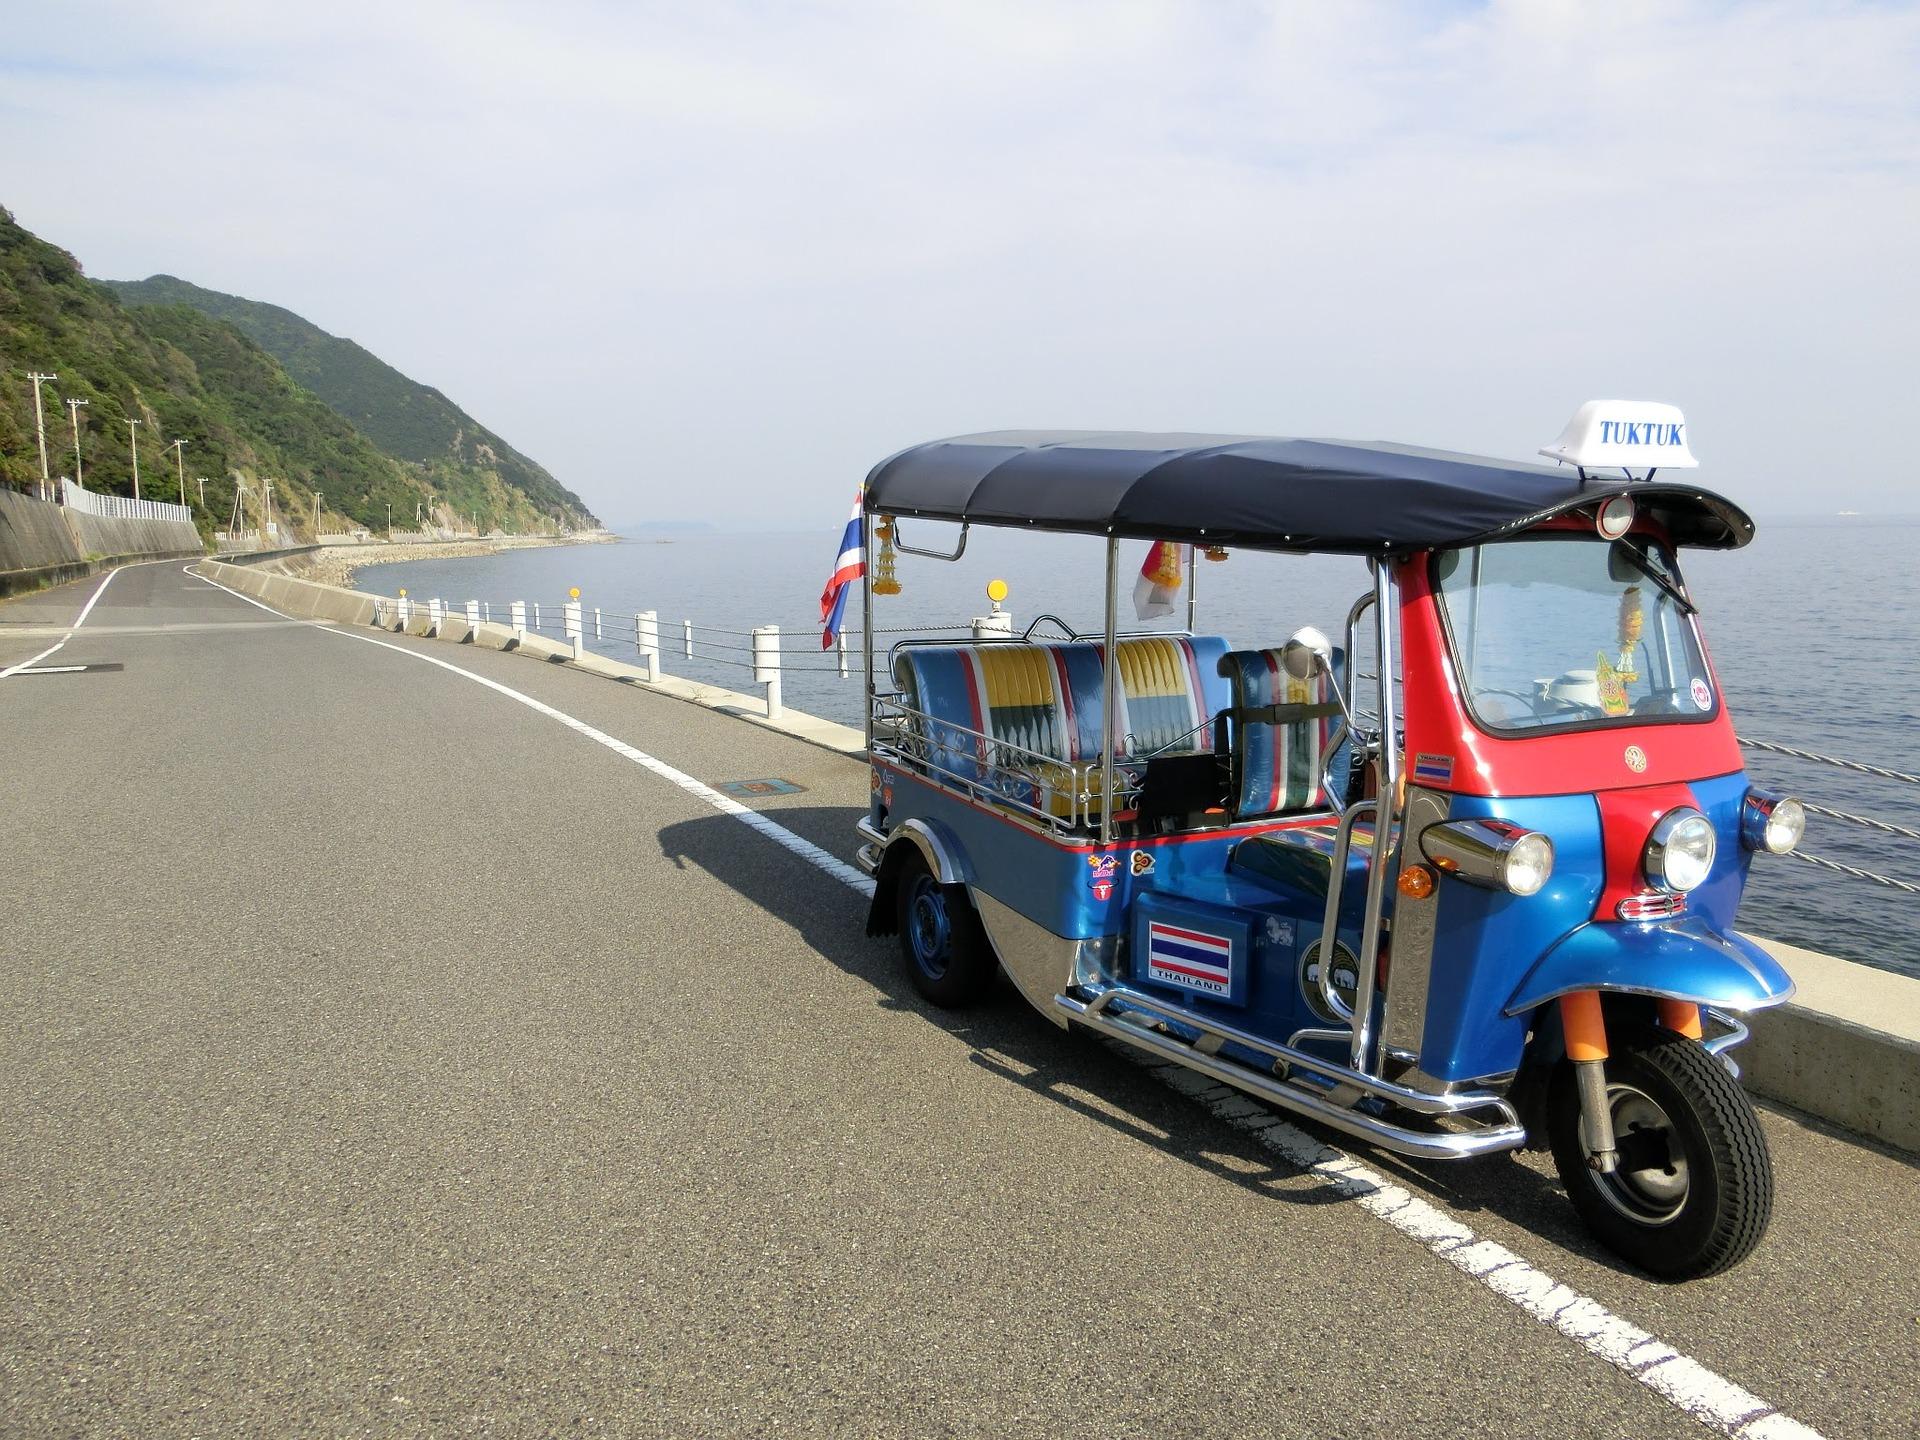 沖縄でトゥクトゥクをレンタルして風を感じて観光を楽しもう♪